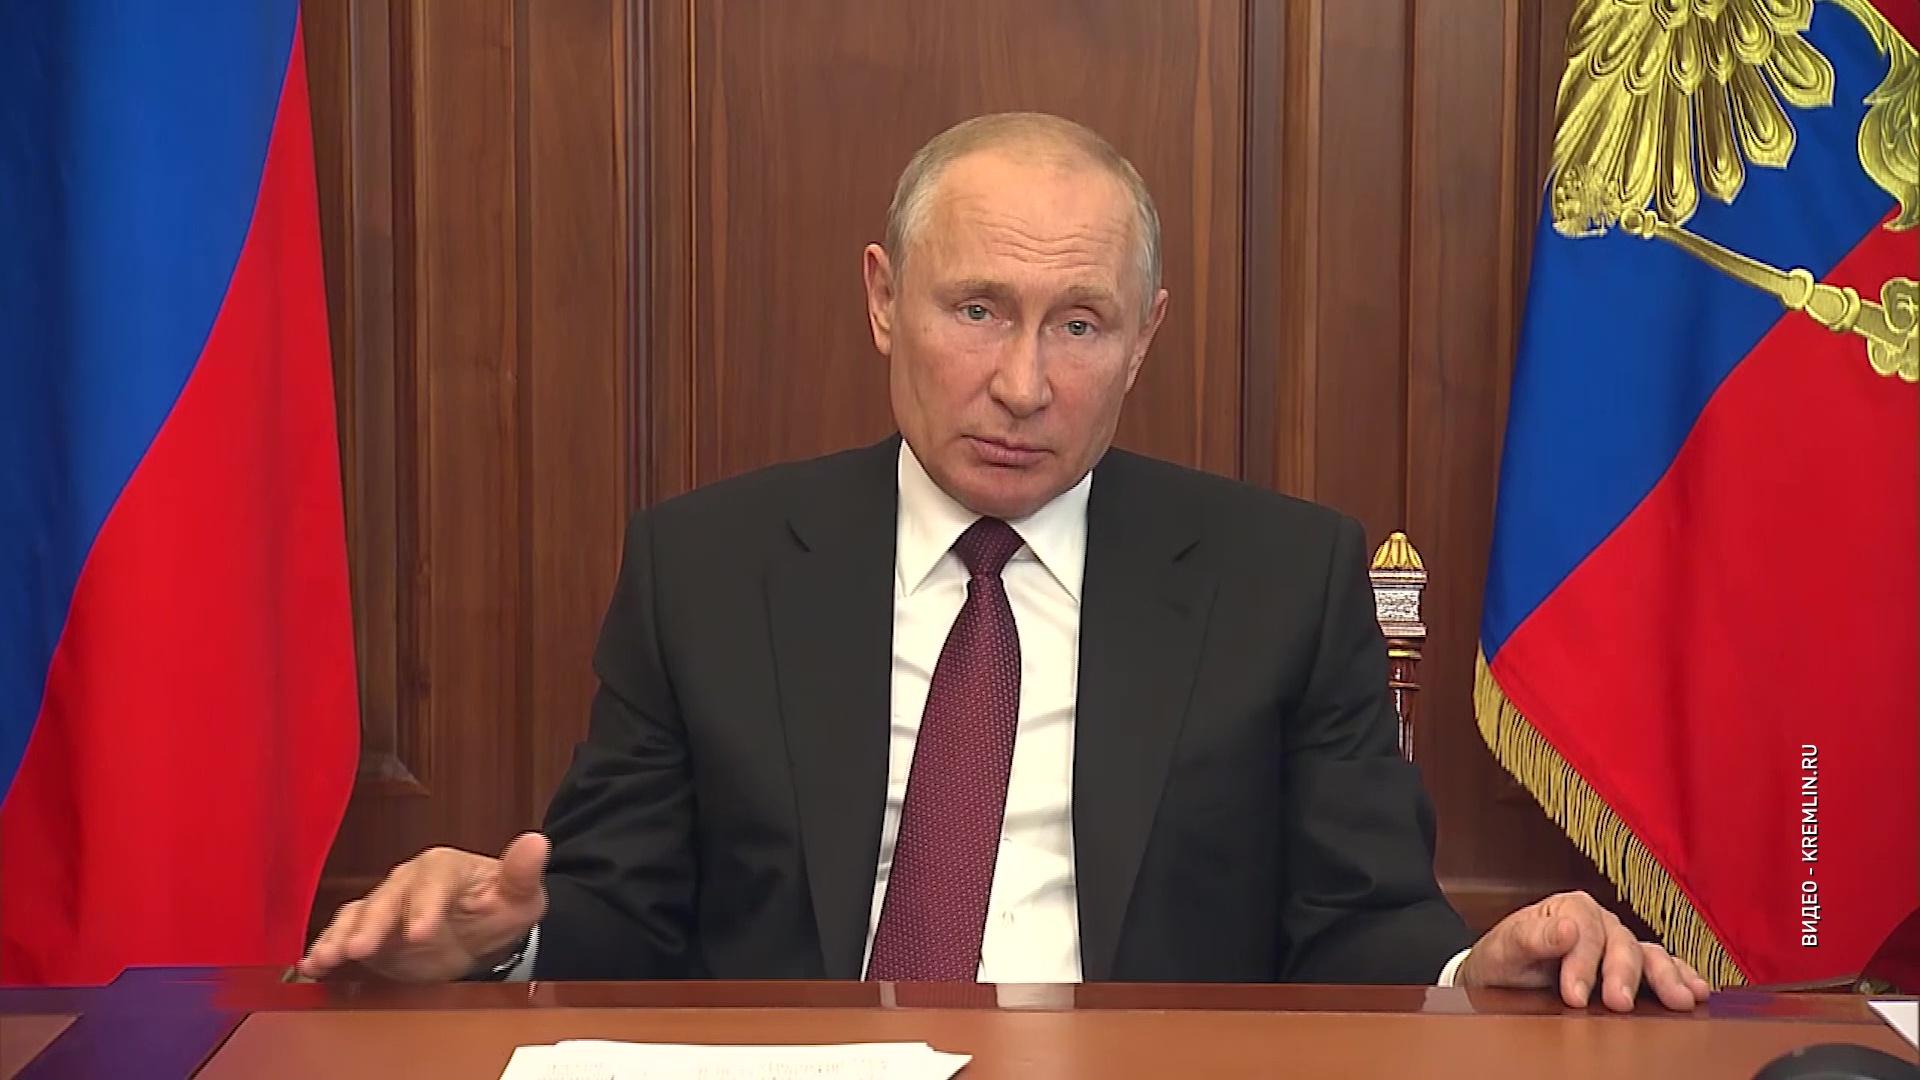 Владимир Путин вновь обратился к гражданам: о чем говорил президент